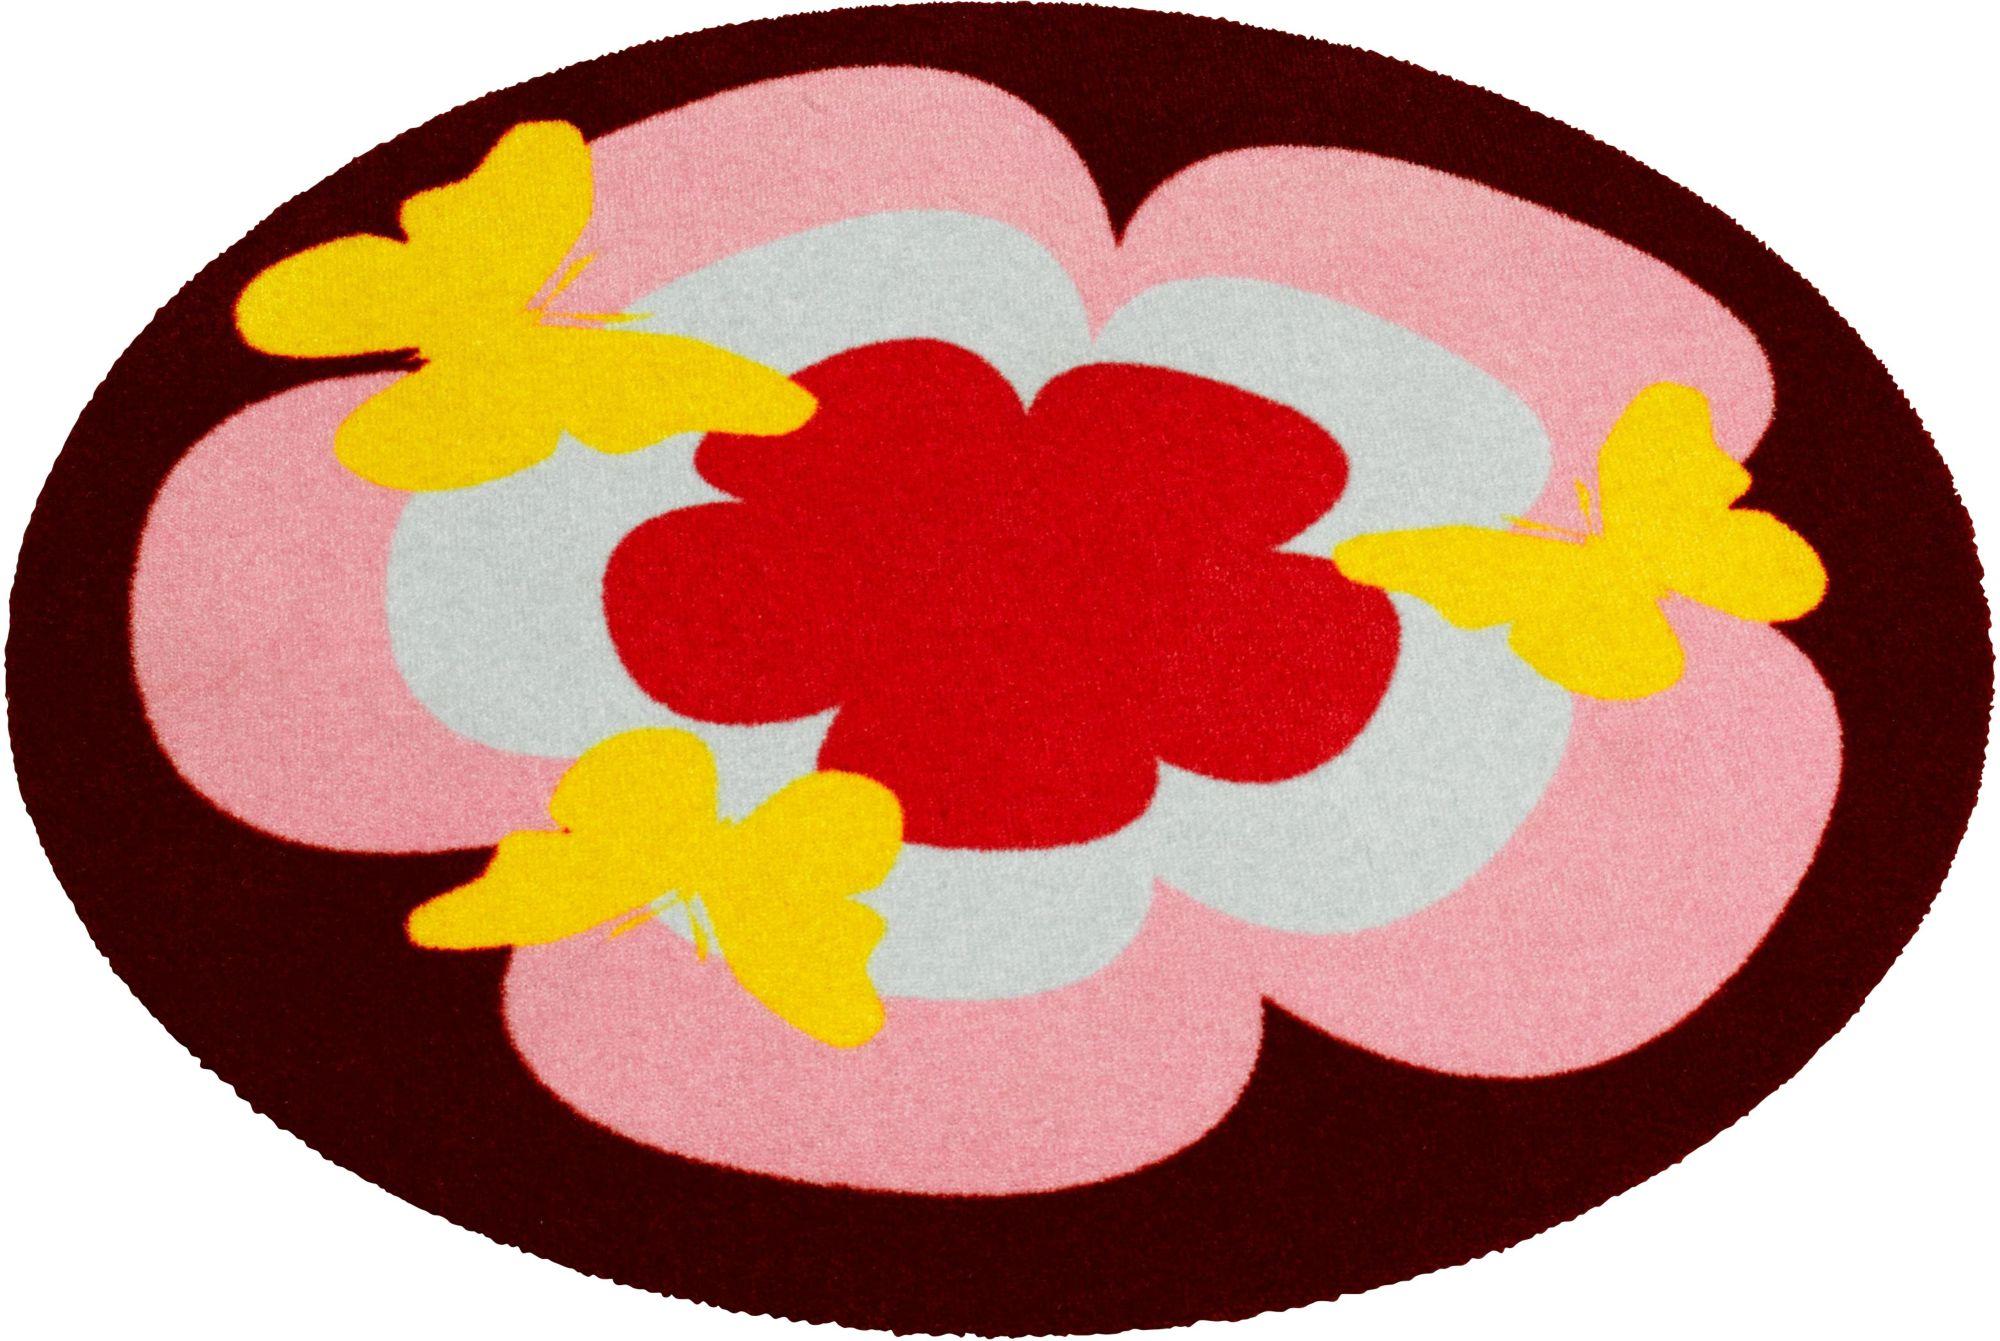 Teppich Blumenform günstig online kaufen beim Schwab Versand